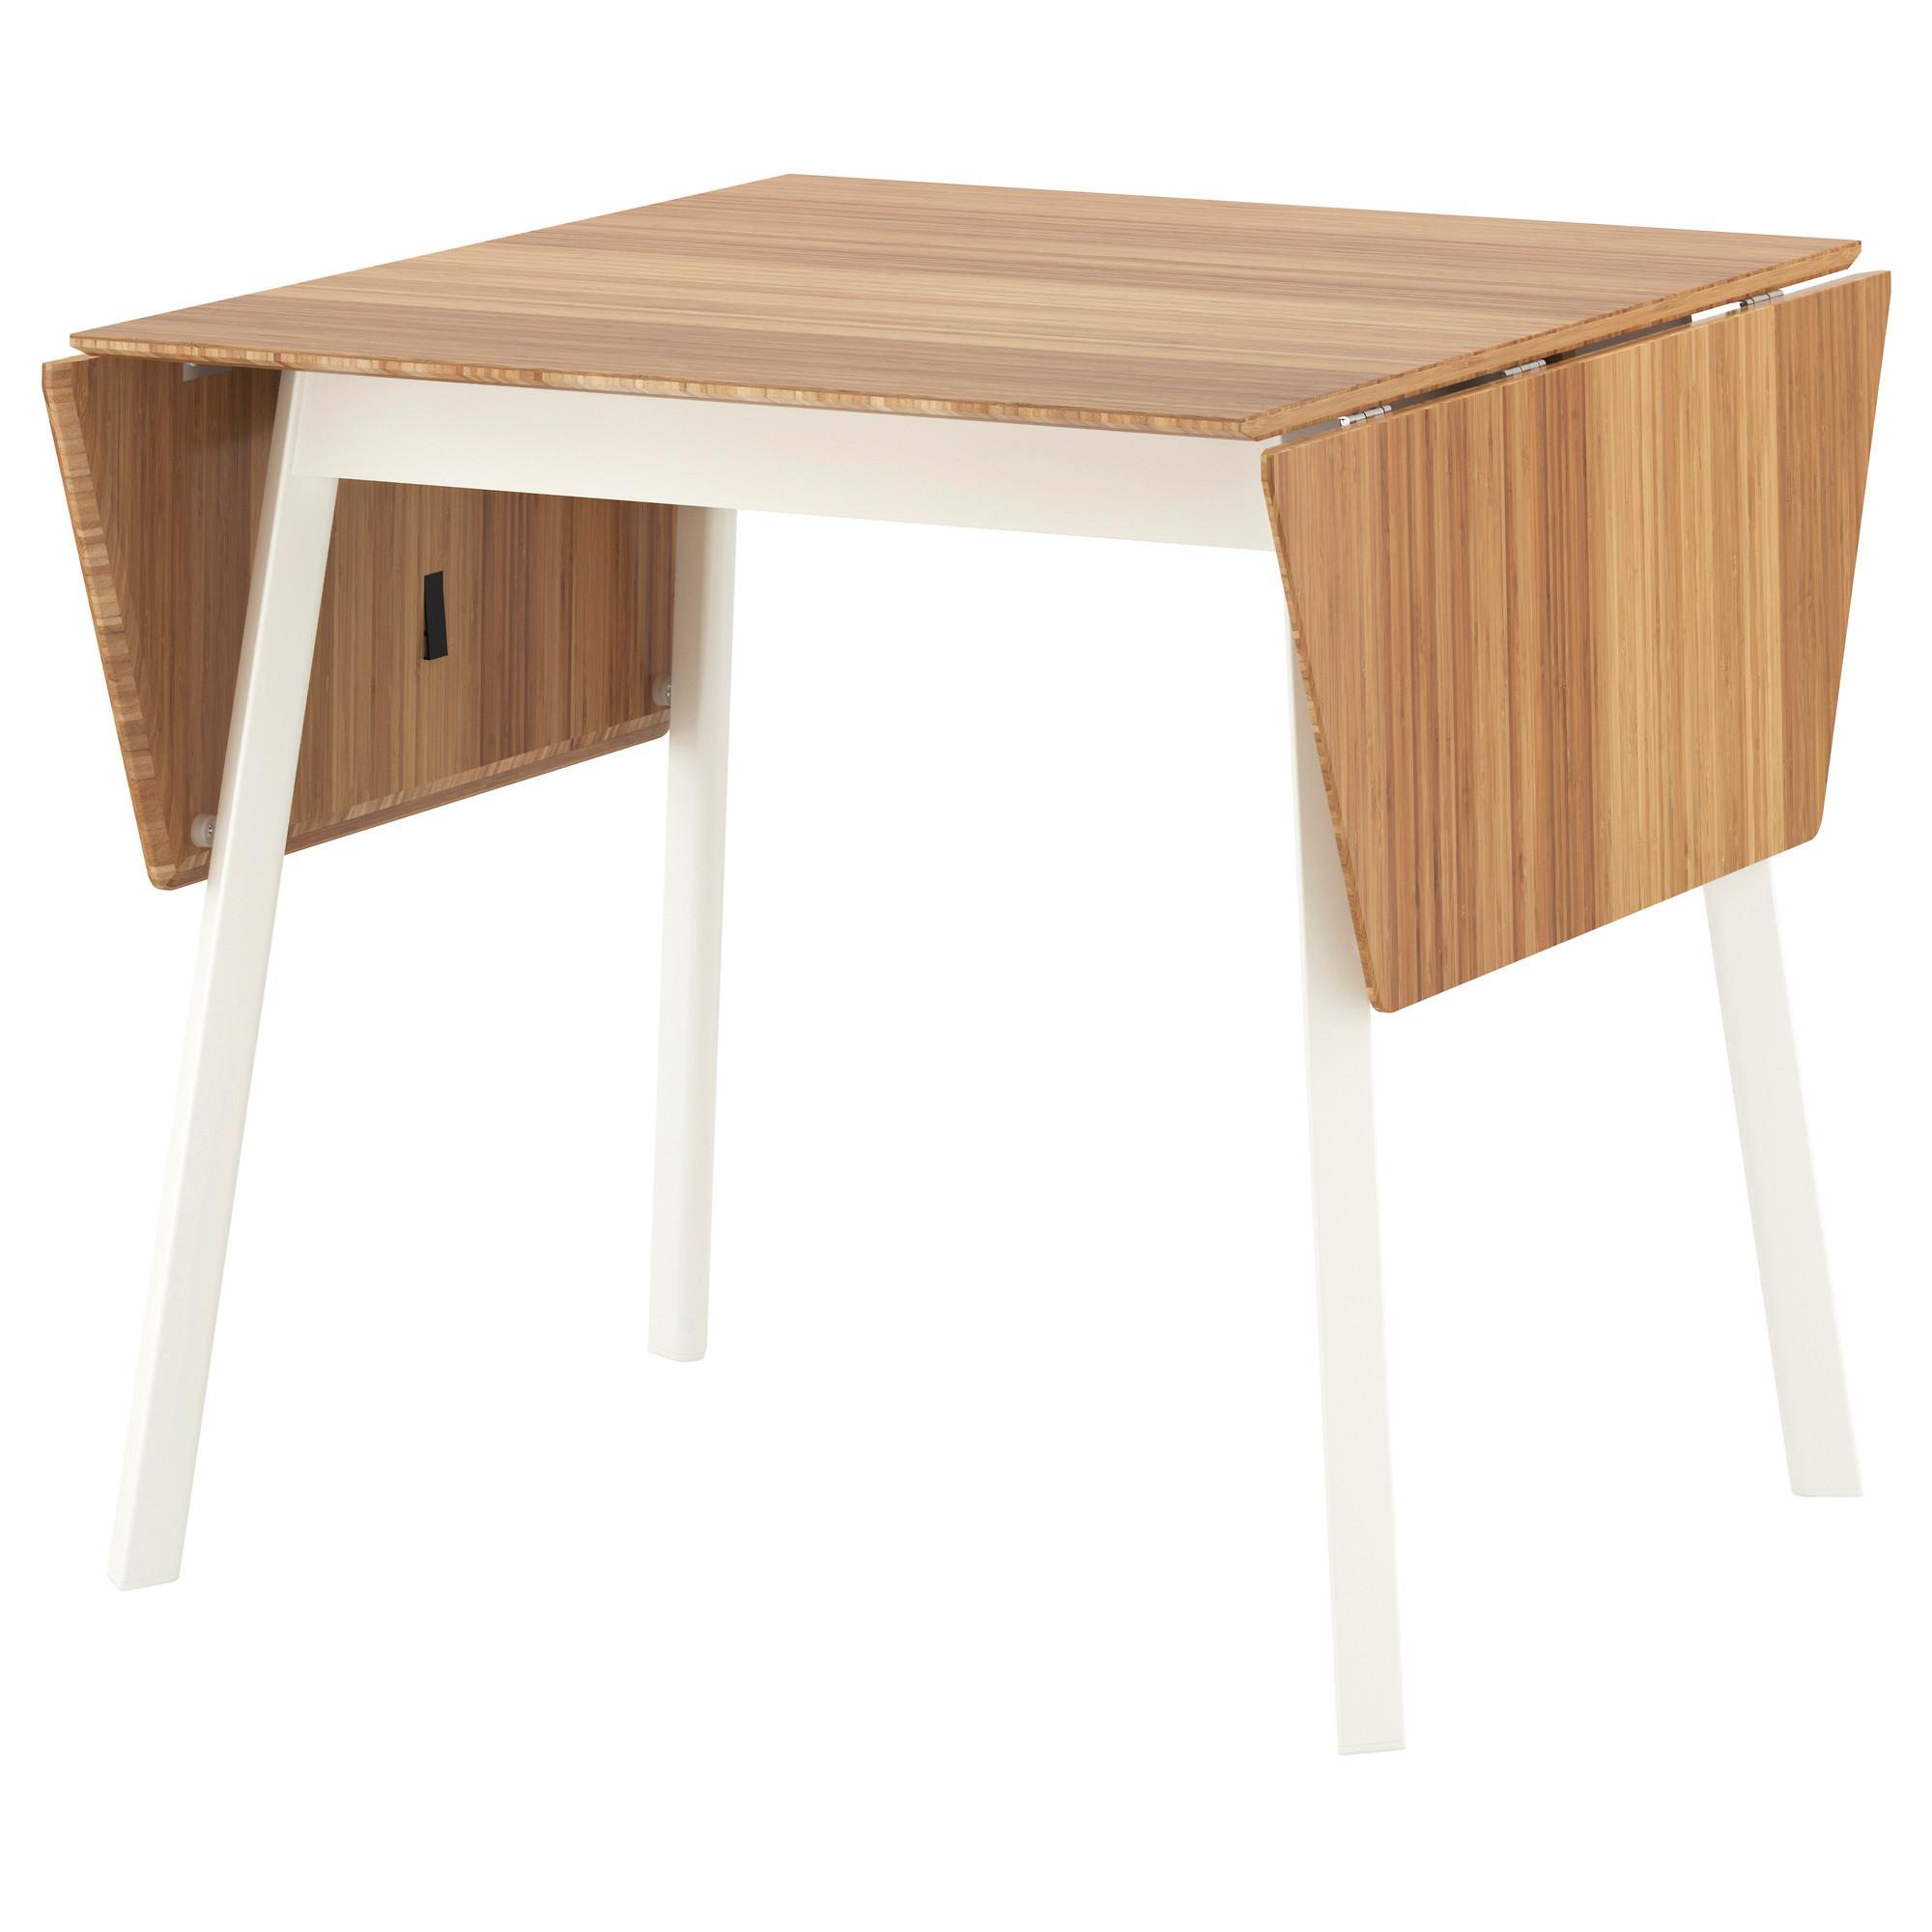 - IKEA PS 2012 - Drop-leaf Table, Bamboo/white IKEA Hong Kong